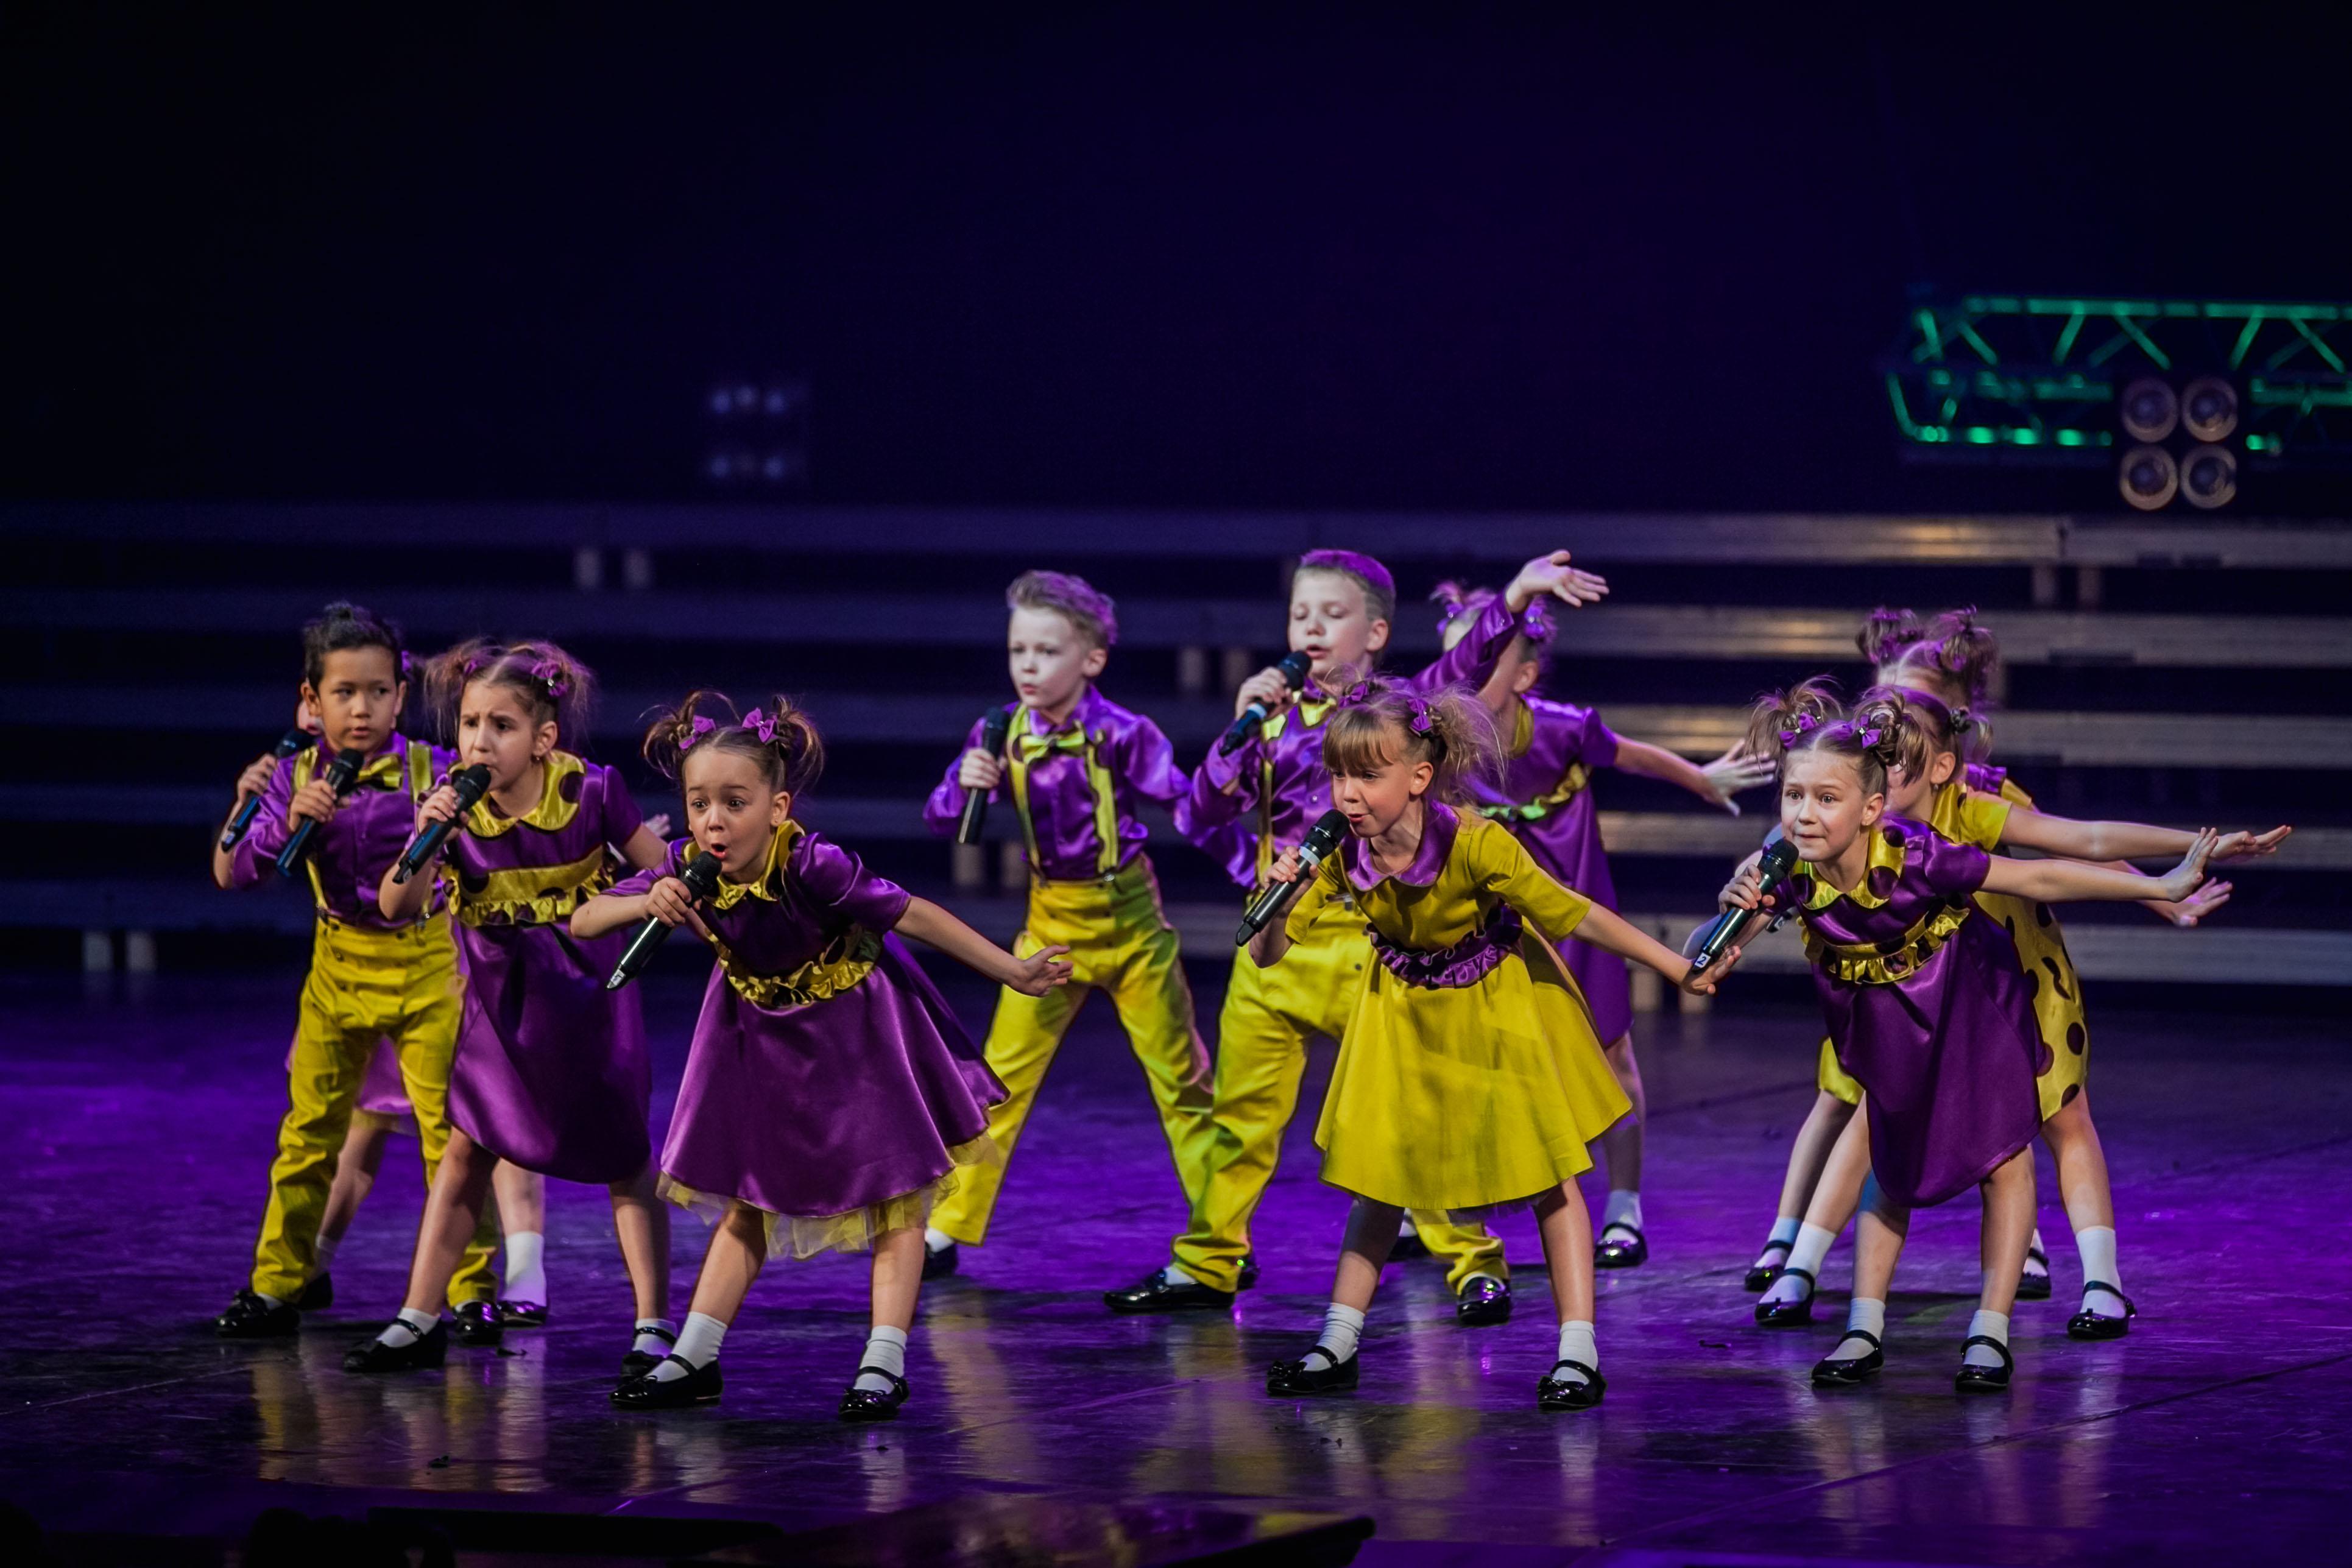 Веселые танцы для детей 5 лет — здоровье в музыке как сильно сегодня отличается время от того , которое было двадцать лет назад и это прекрасно.